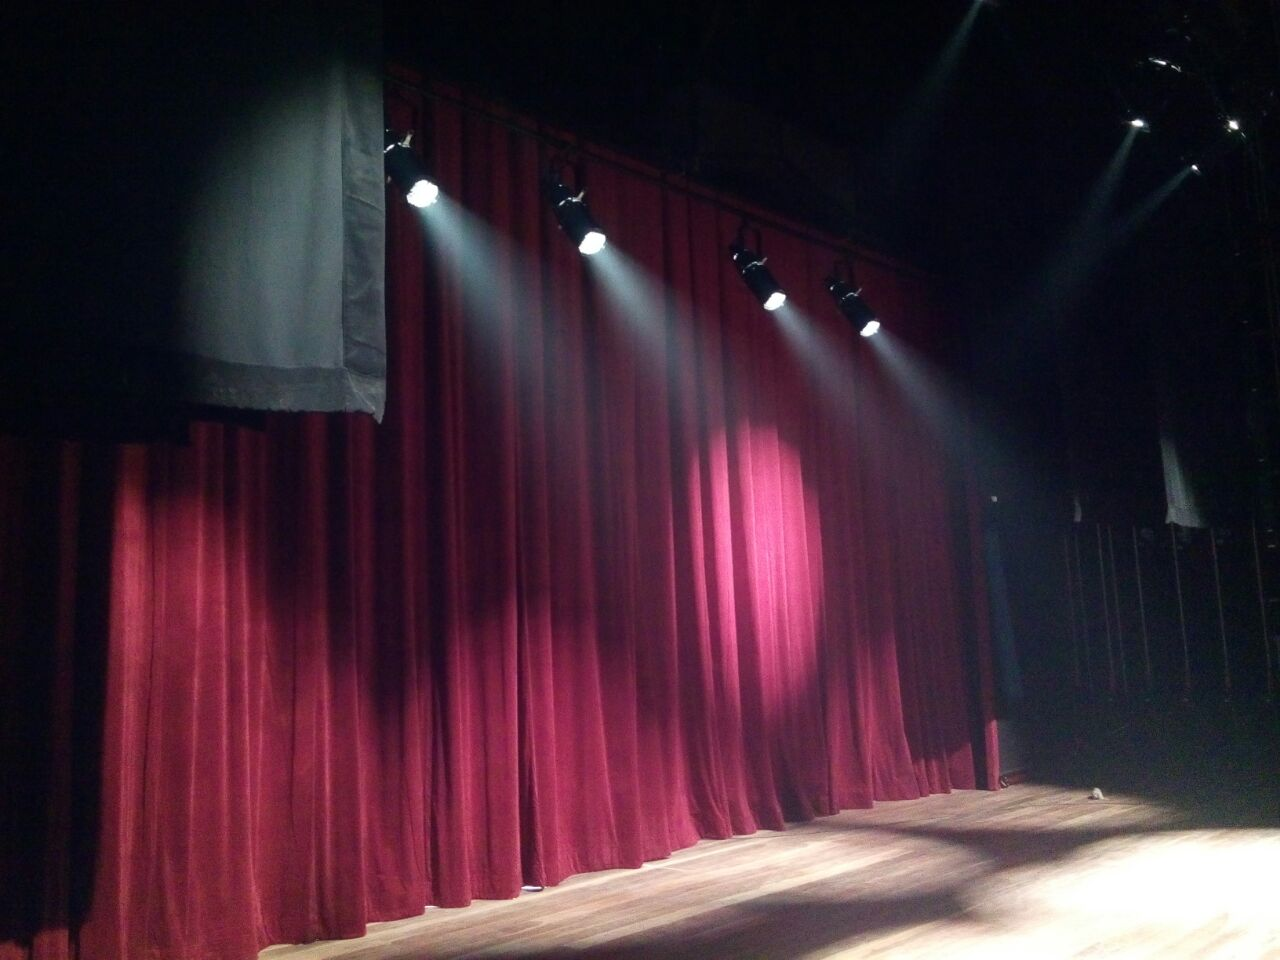 df07cf60 02a6 4df6 9171 1ac2f62c7d3b - Governador Ricardo Coutinho entrega reforma do Teatro Íracles Pires na cidade de Cajazeiras; vídeo